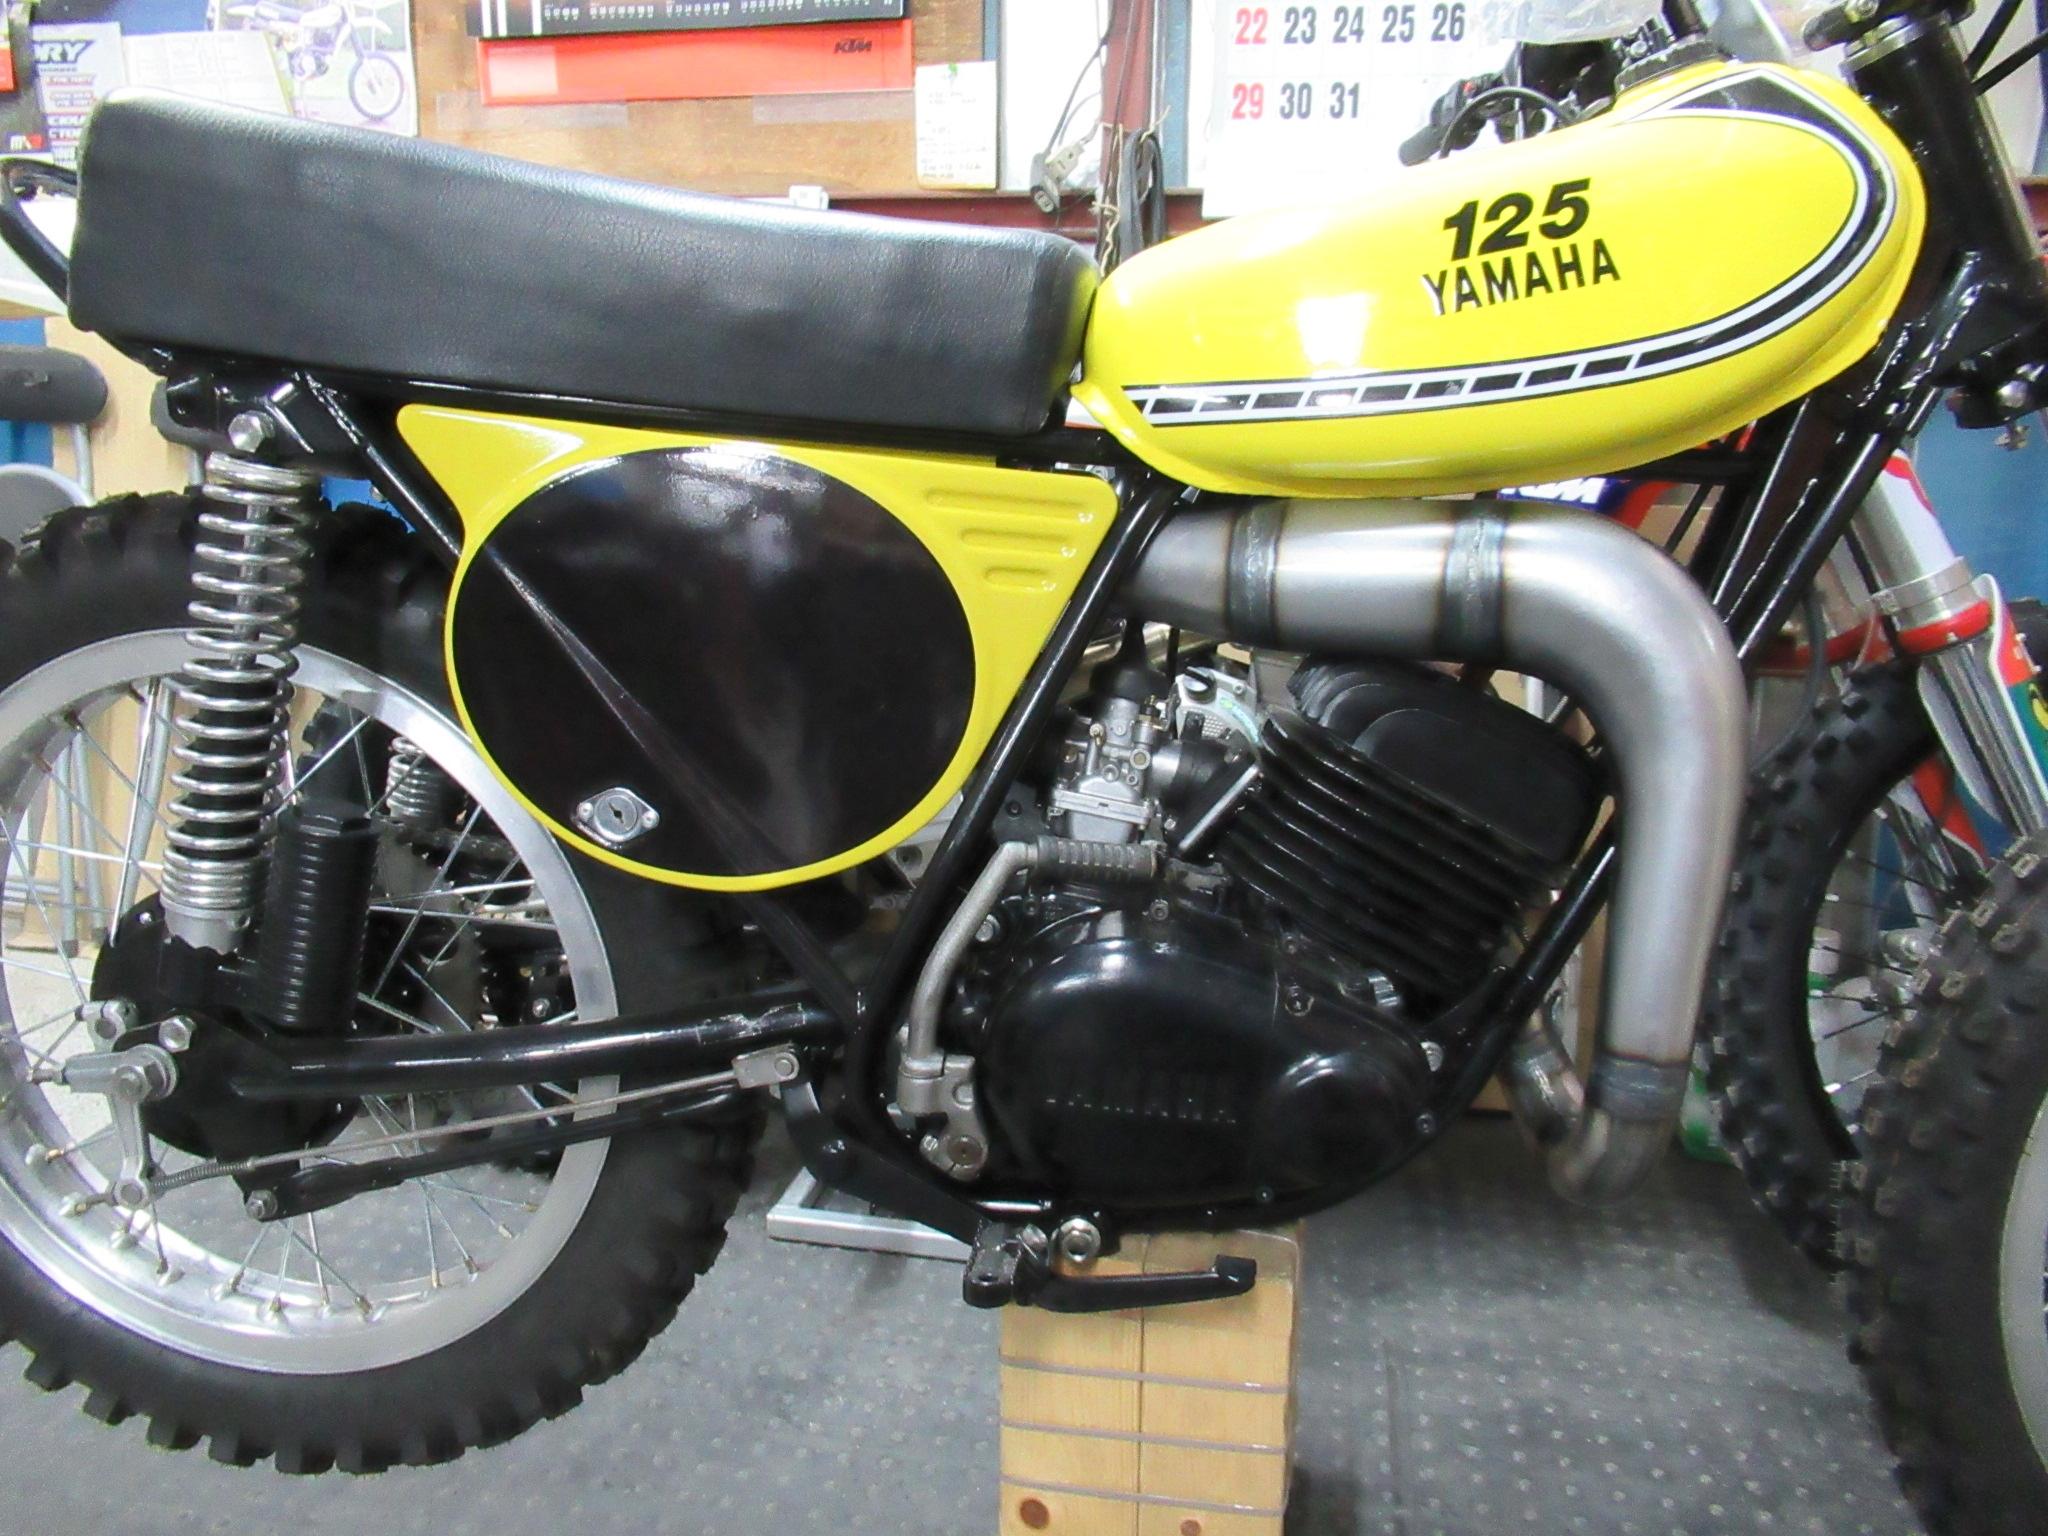 http://www.precious-factory.com/preciousfactory2010/IMG_0593.JPG